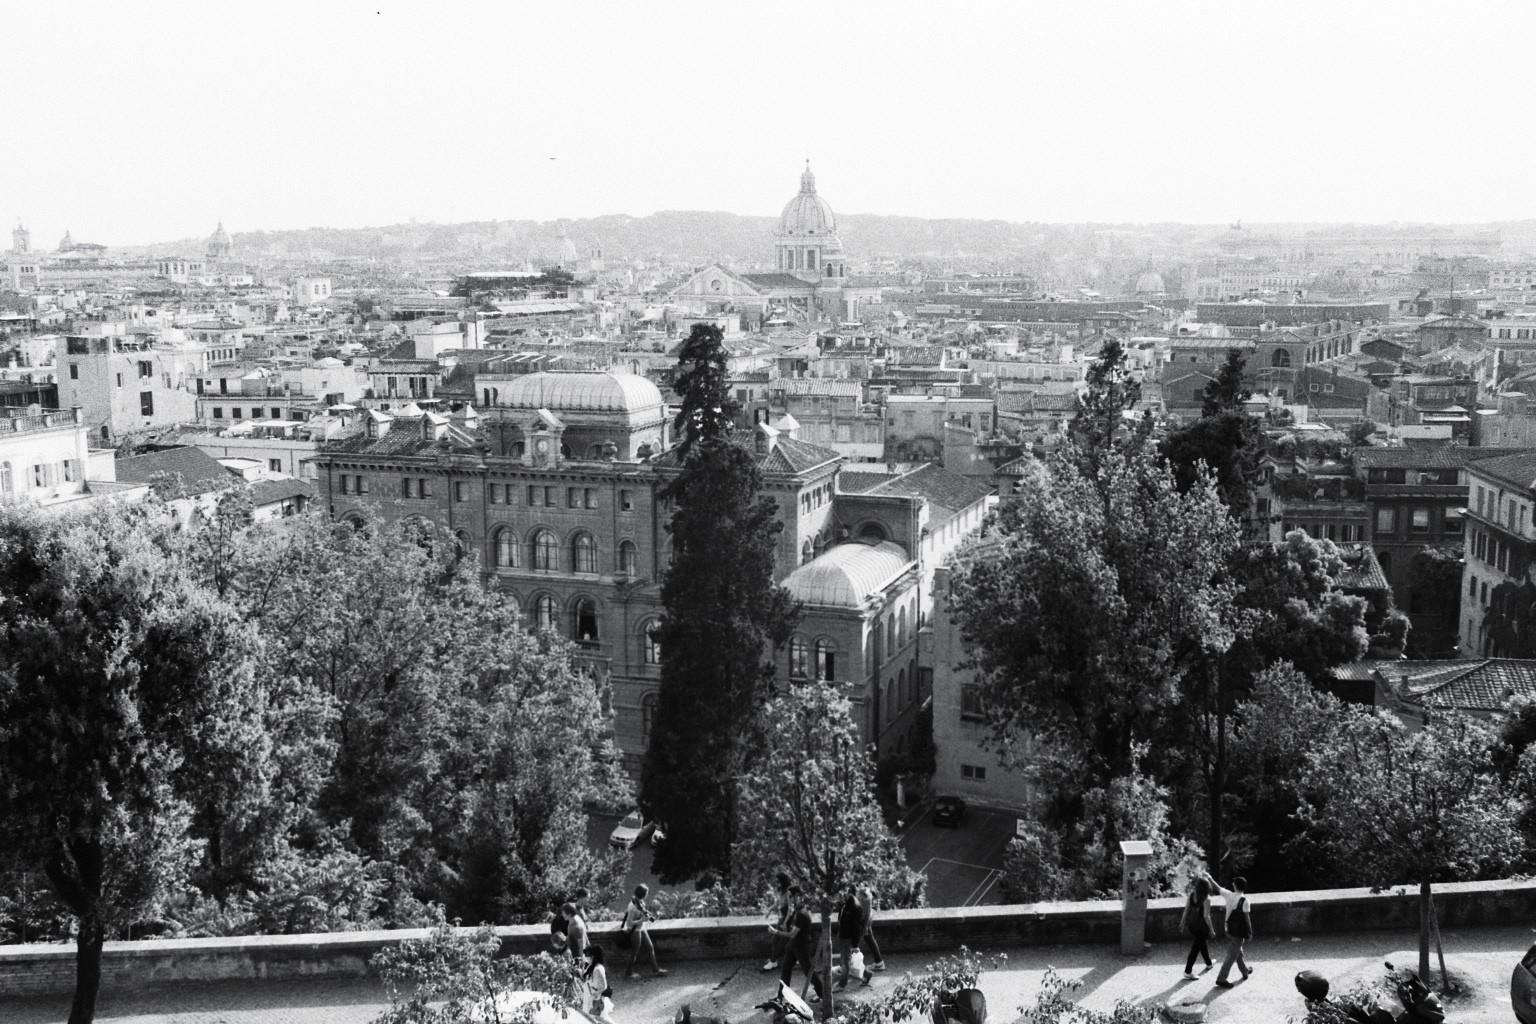 Vue sur Rome depuis la villa de Medicis